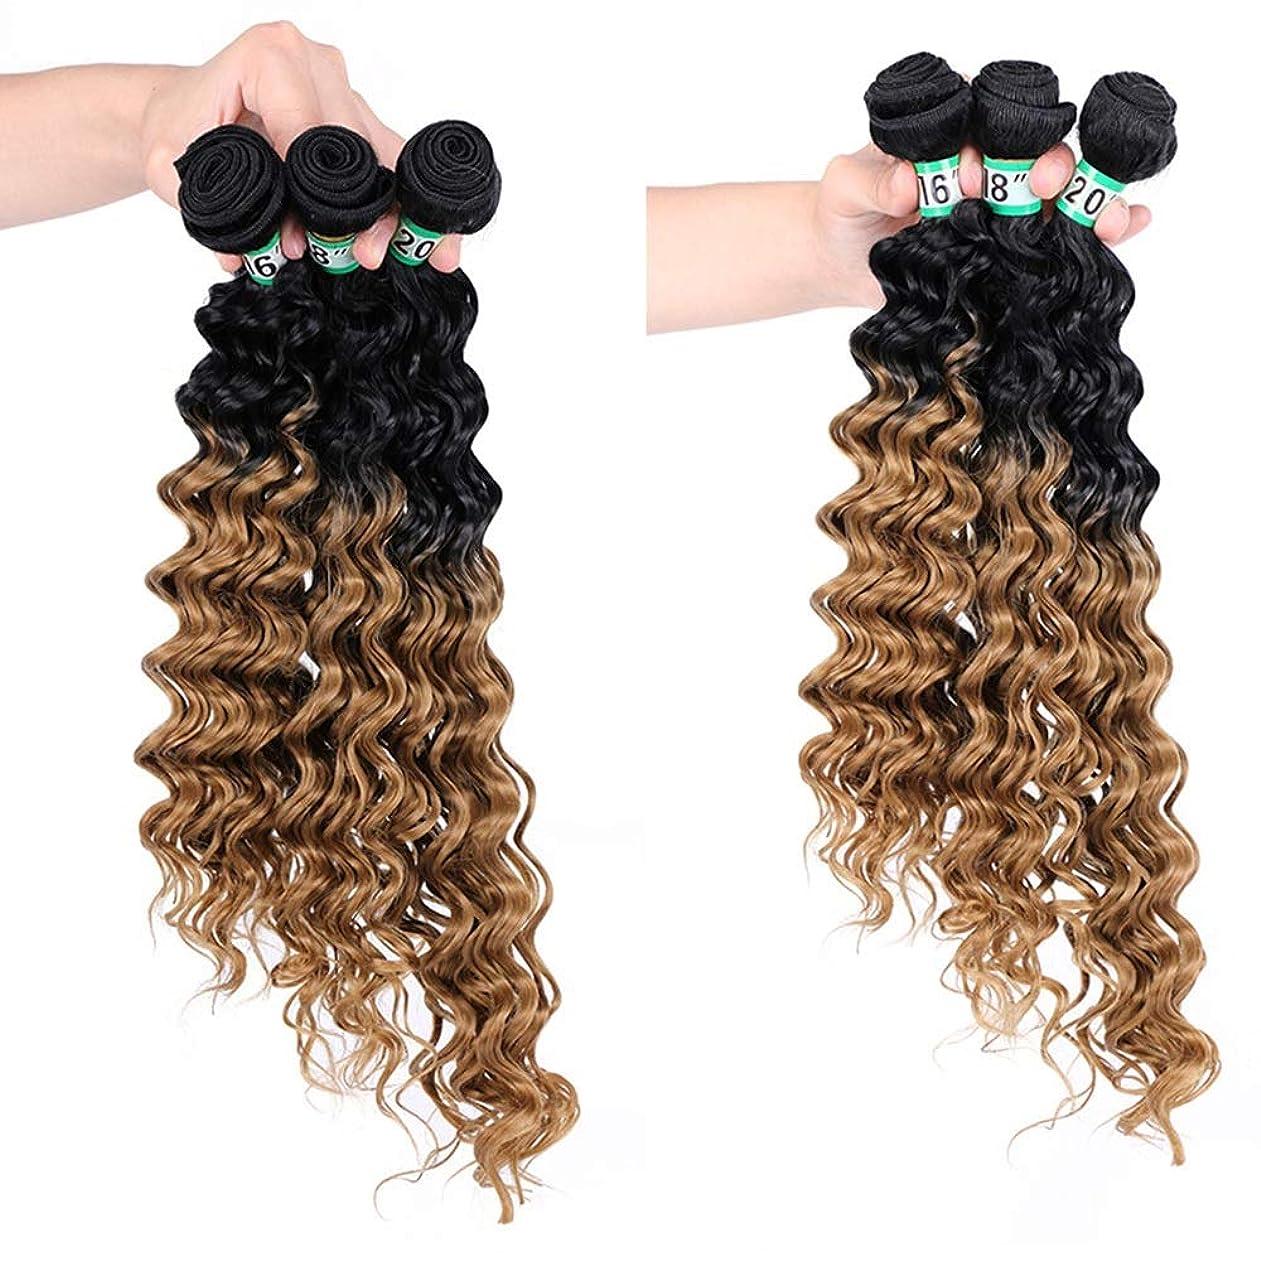 力強い経済的ミトンYESONEEP ディープカーリーウェーブ3バンドルブラジルのヘアエクステンション - T1 / 27#茶色の合成髪レースかつらロールプレイングかつらロングとショートの女性自然 (色 : ブラウン, サイズ : 16